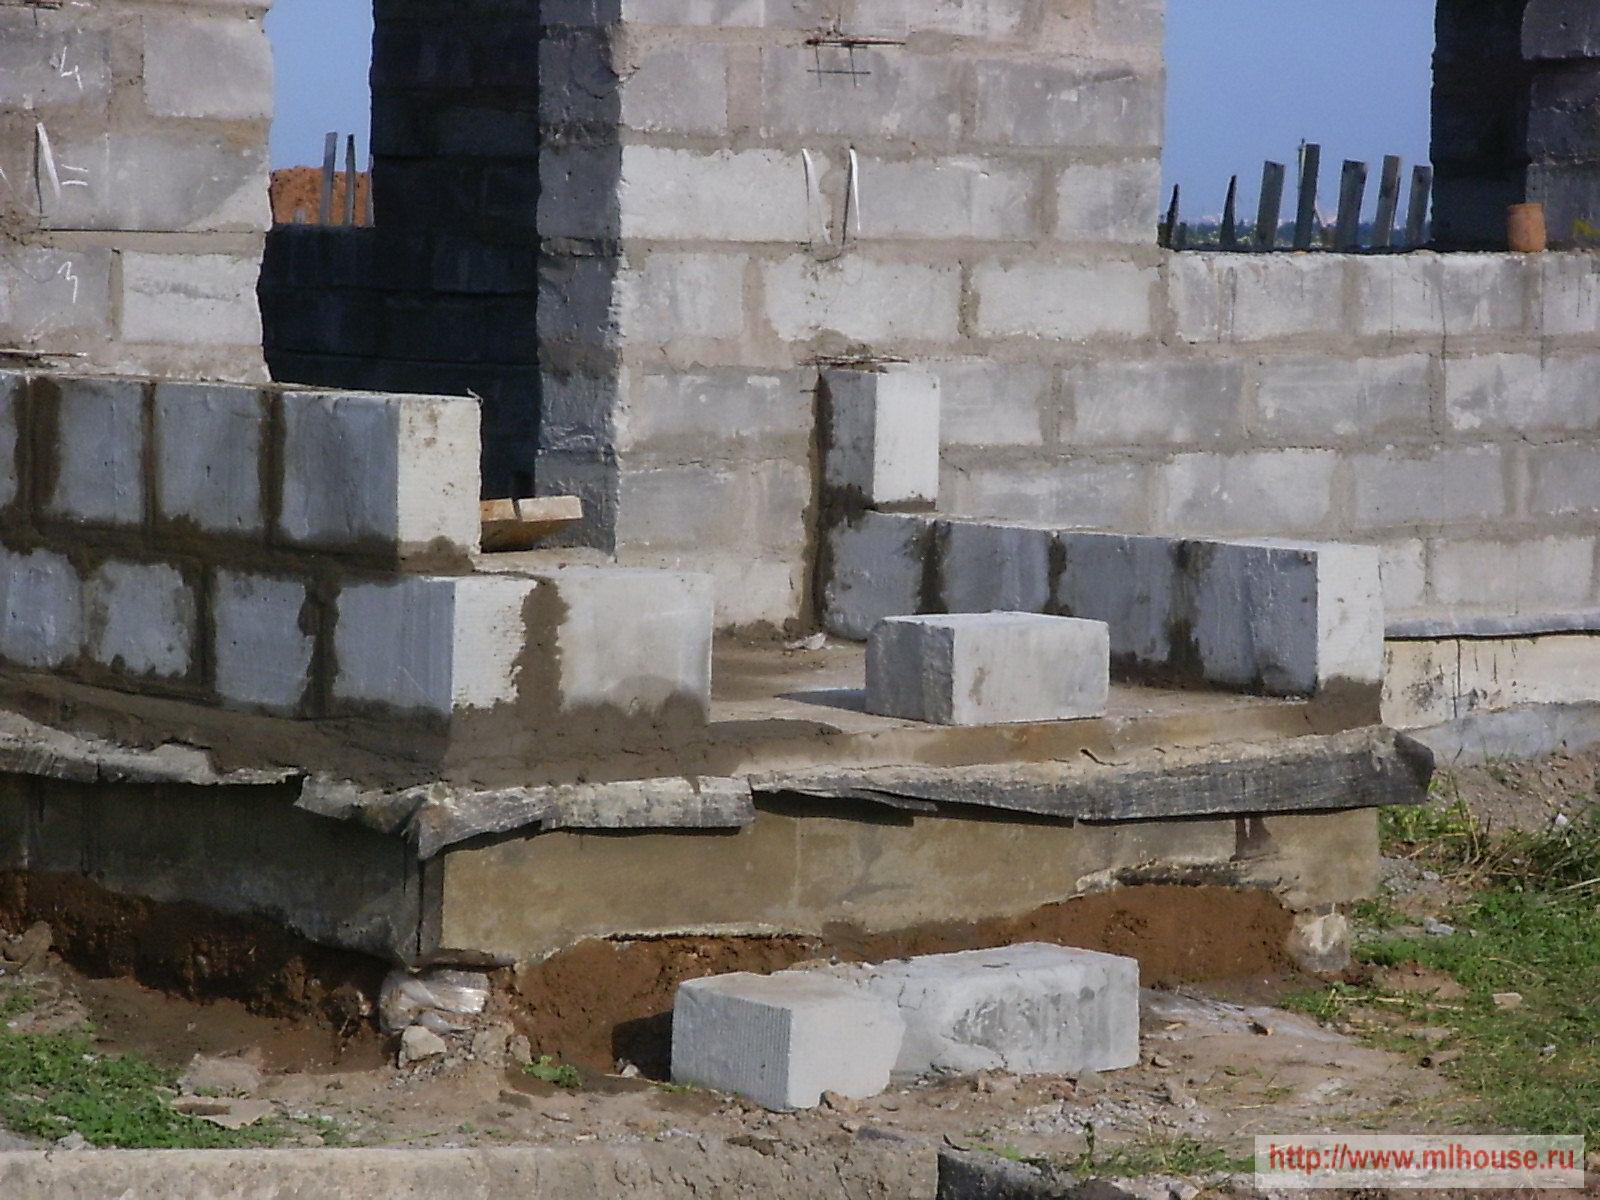 Крыльцо своими руками: деревянное, бетонное, из металла